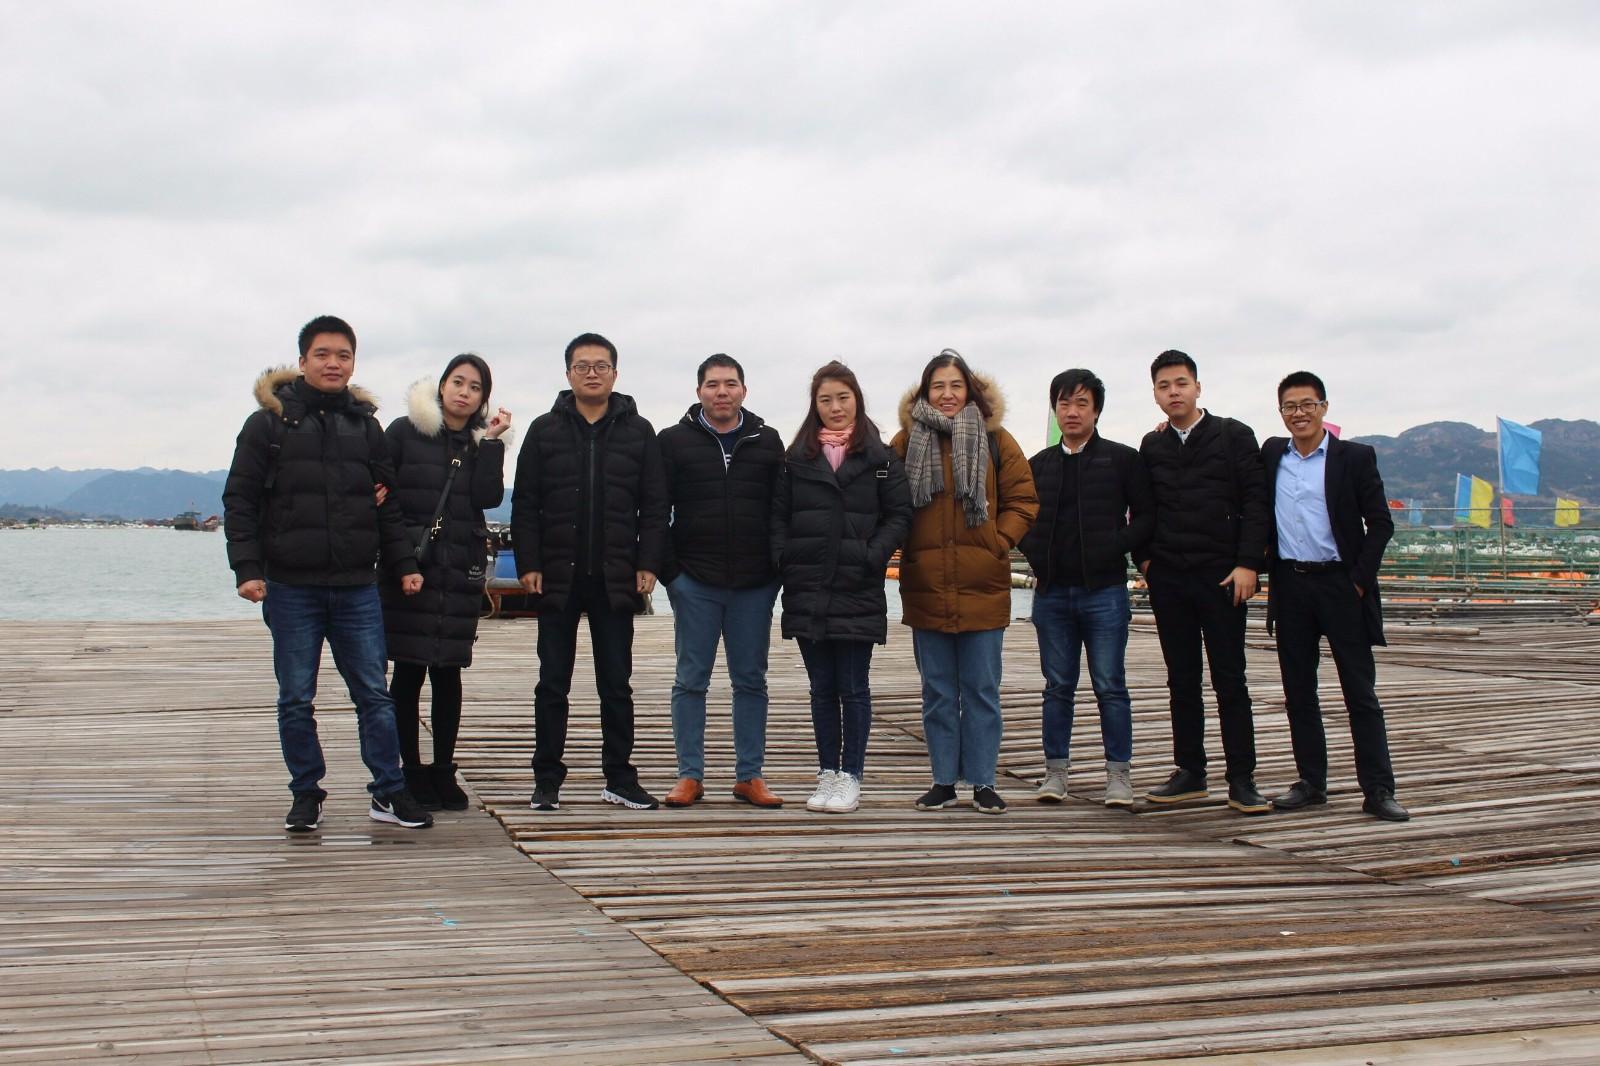 2017公司年度会议召开及组织外地旅游|新闻动态-福州瑞森电气设备有限公司